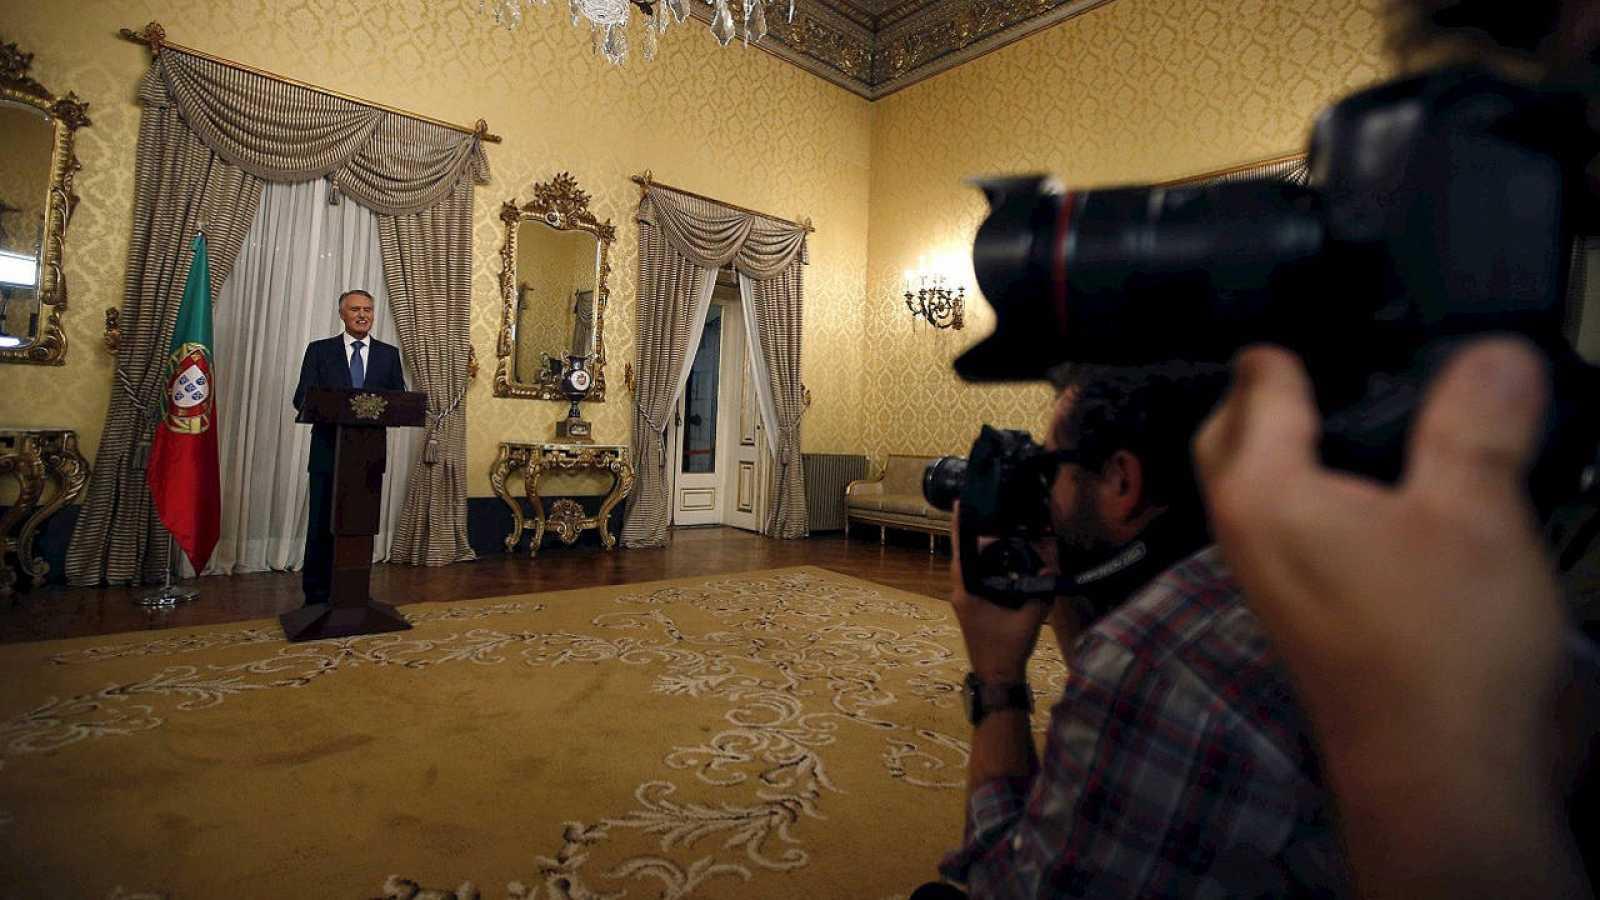 El presidente de Portugal, Anibal Cavaco Silva, en una declaración en el palacio de Belem, el 22 de octubre de 2015. REUTERS/Rafael Marchante